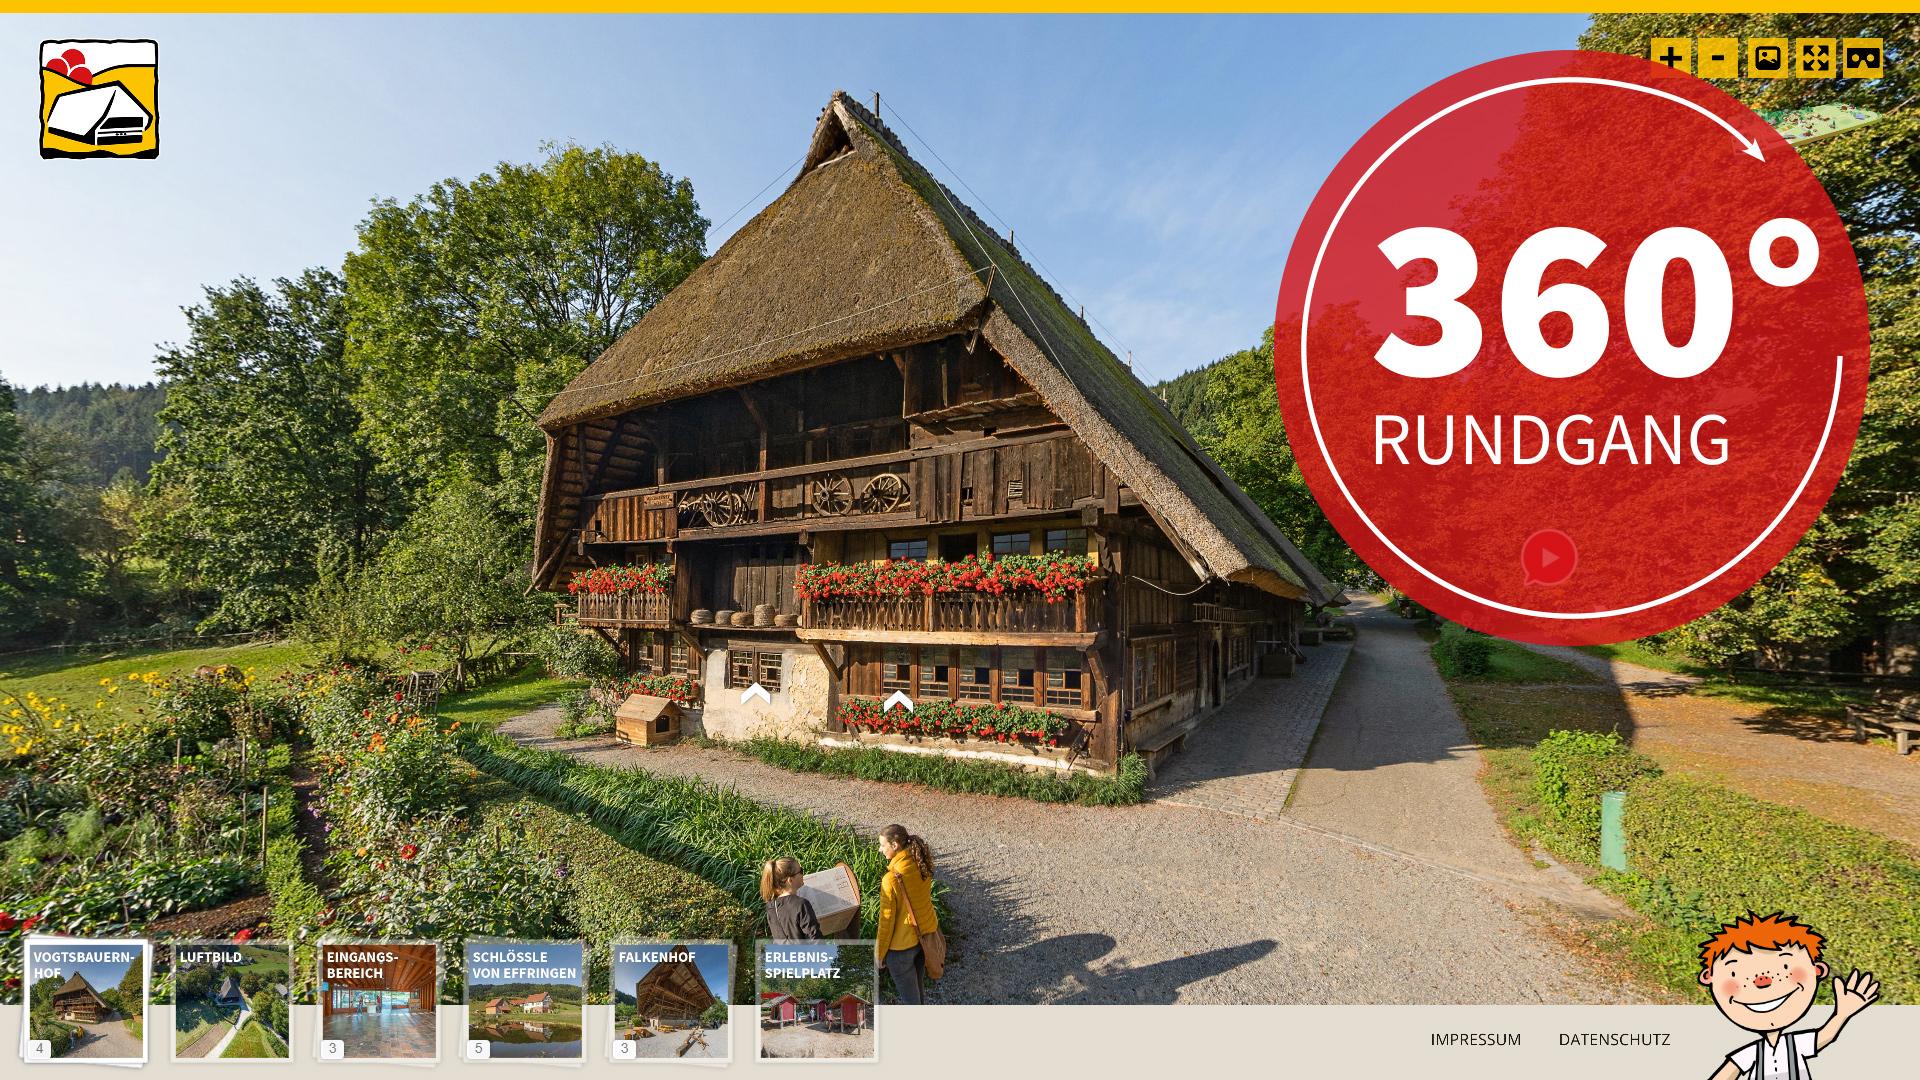 Schwarzwälder Freilichtmuseum Vogtsbauernhof - 360° Rundgang